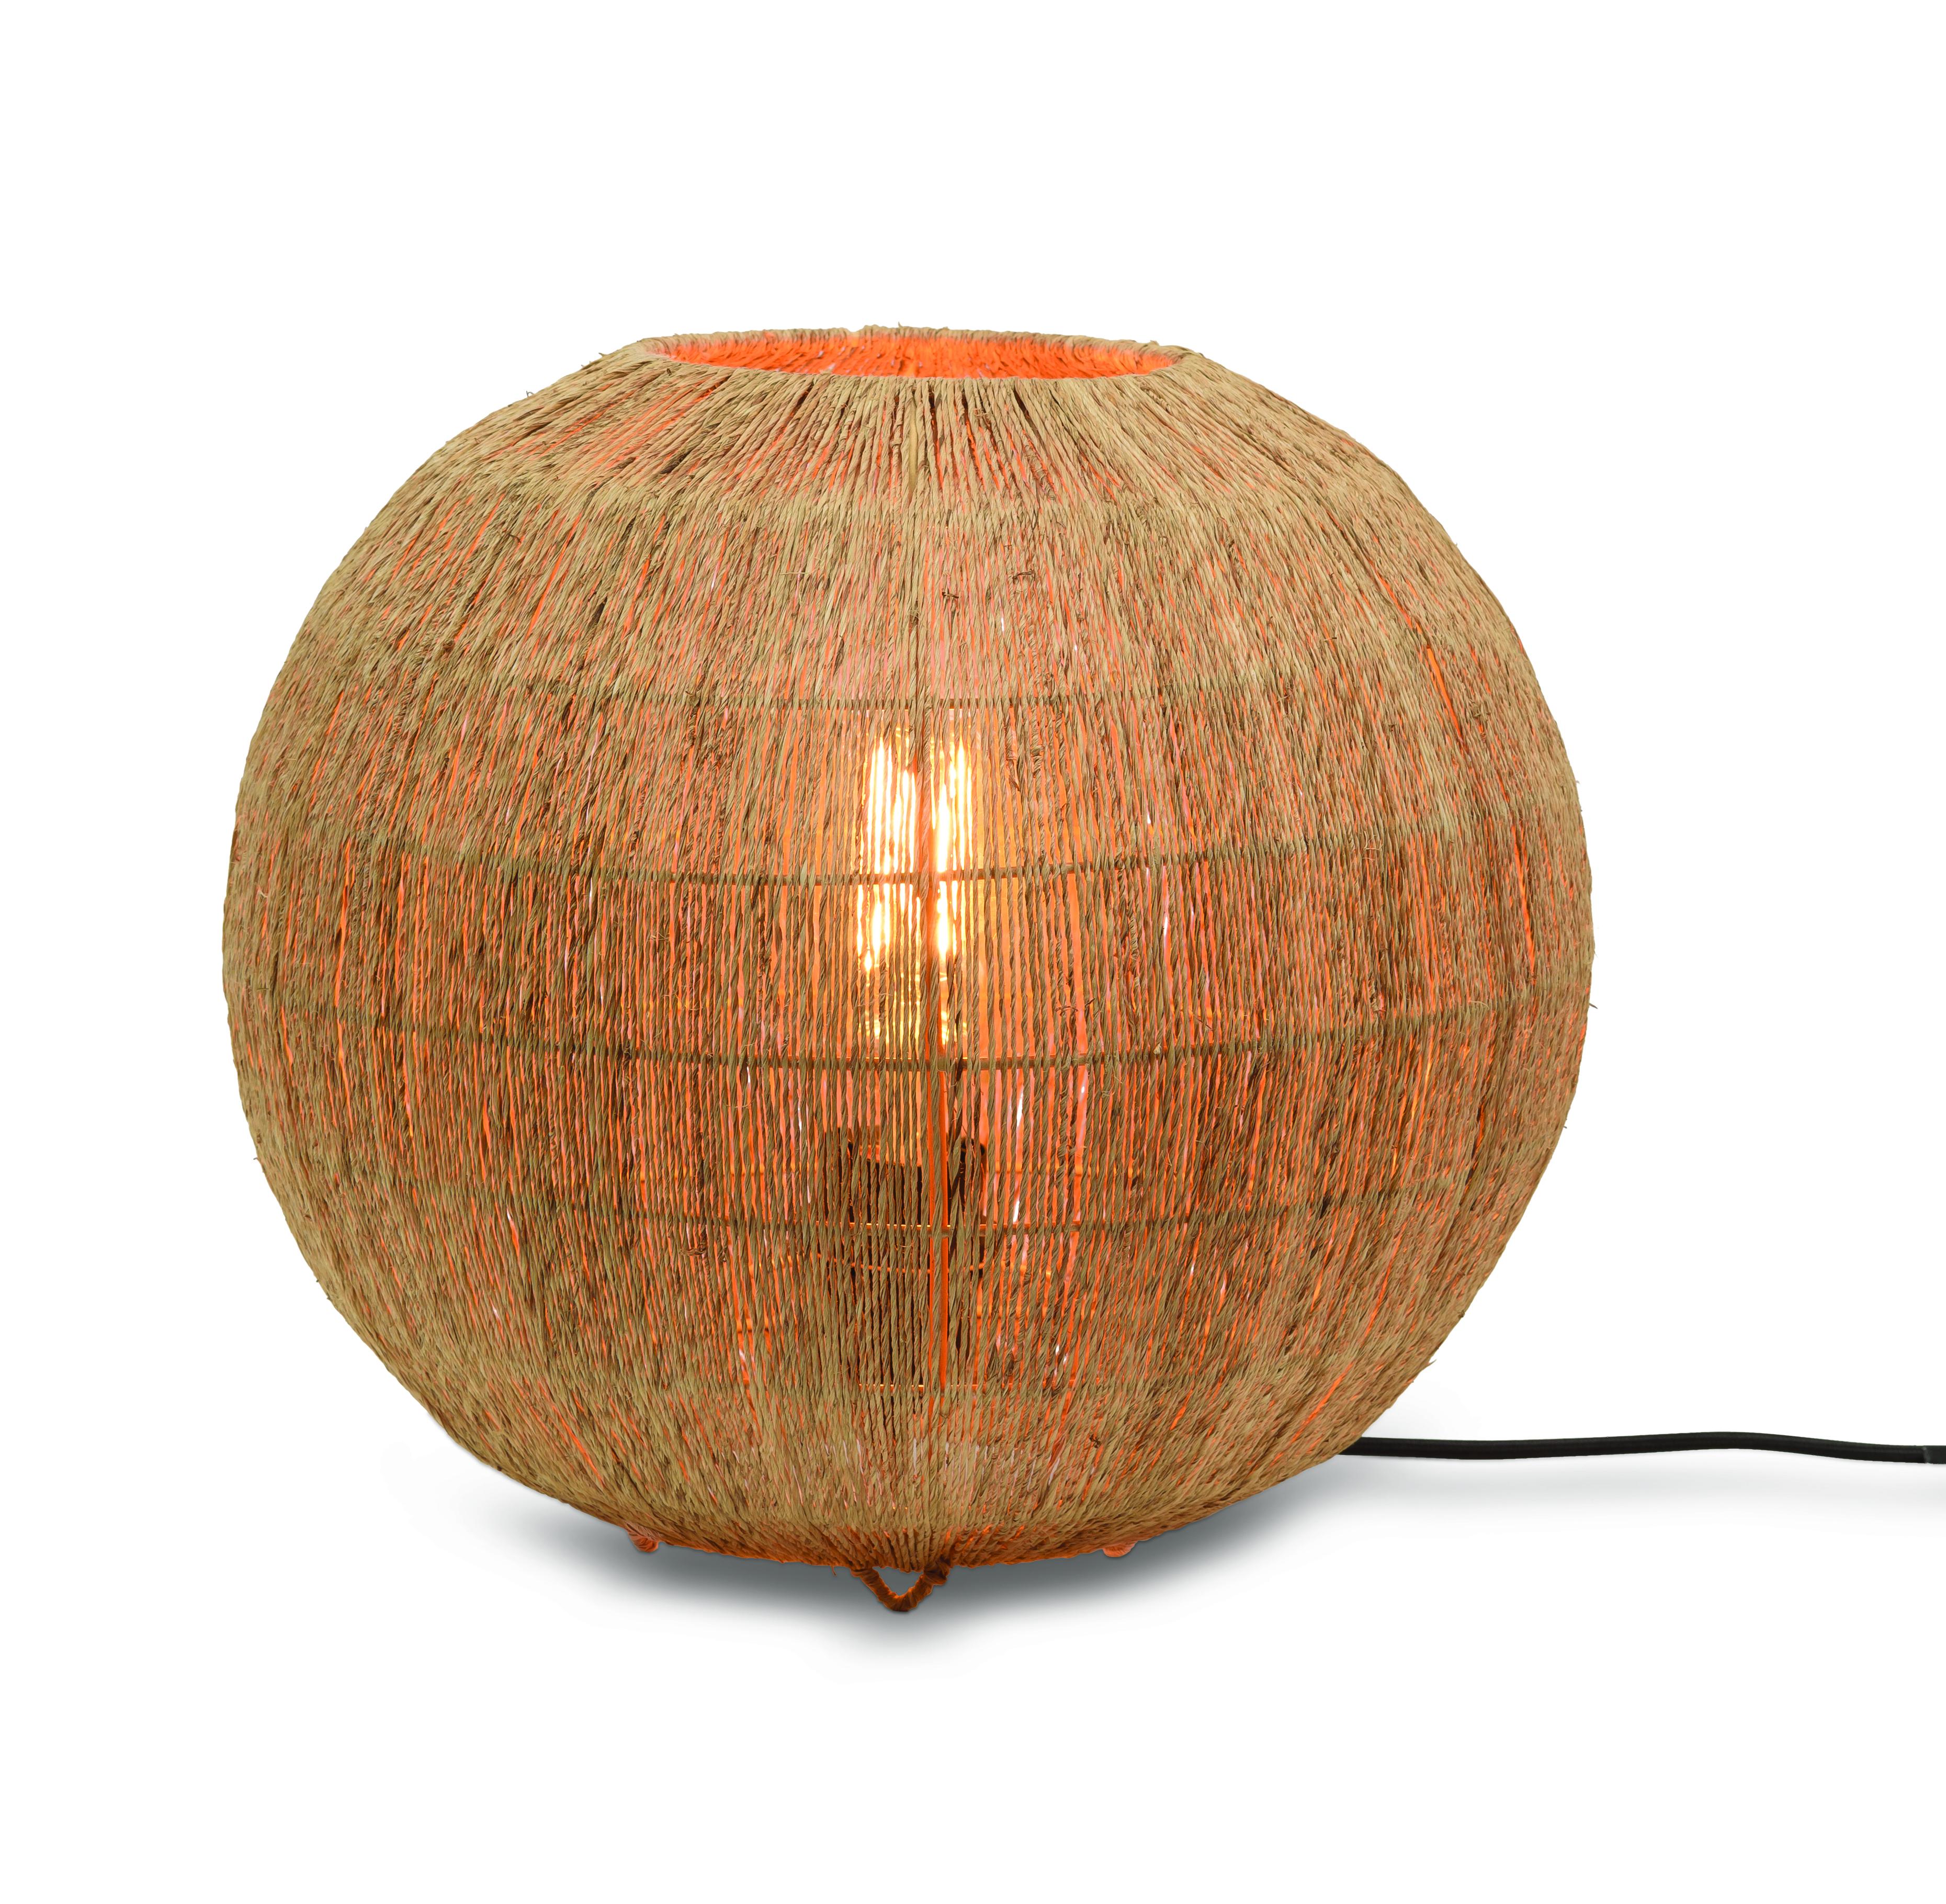 Lampe de table bambou jute D32cm